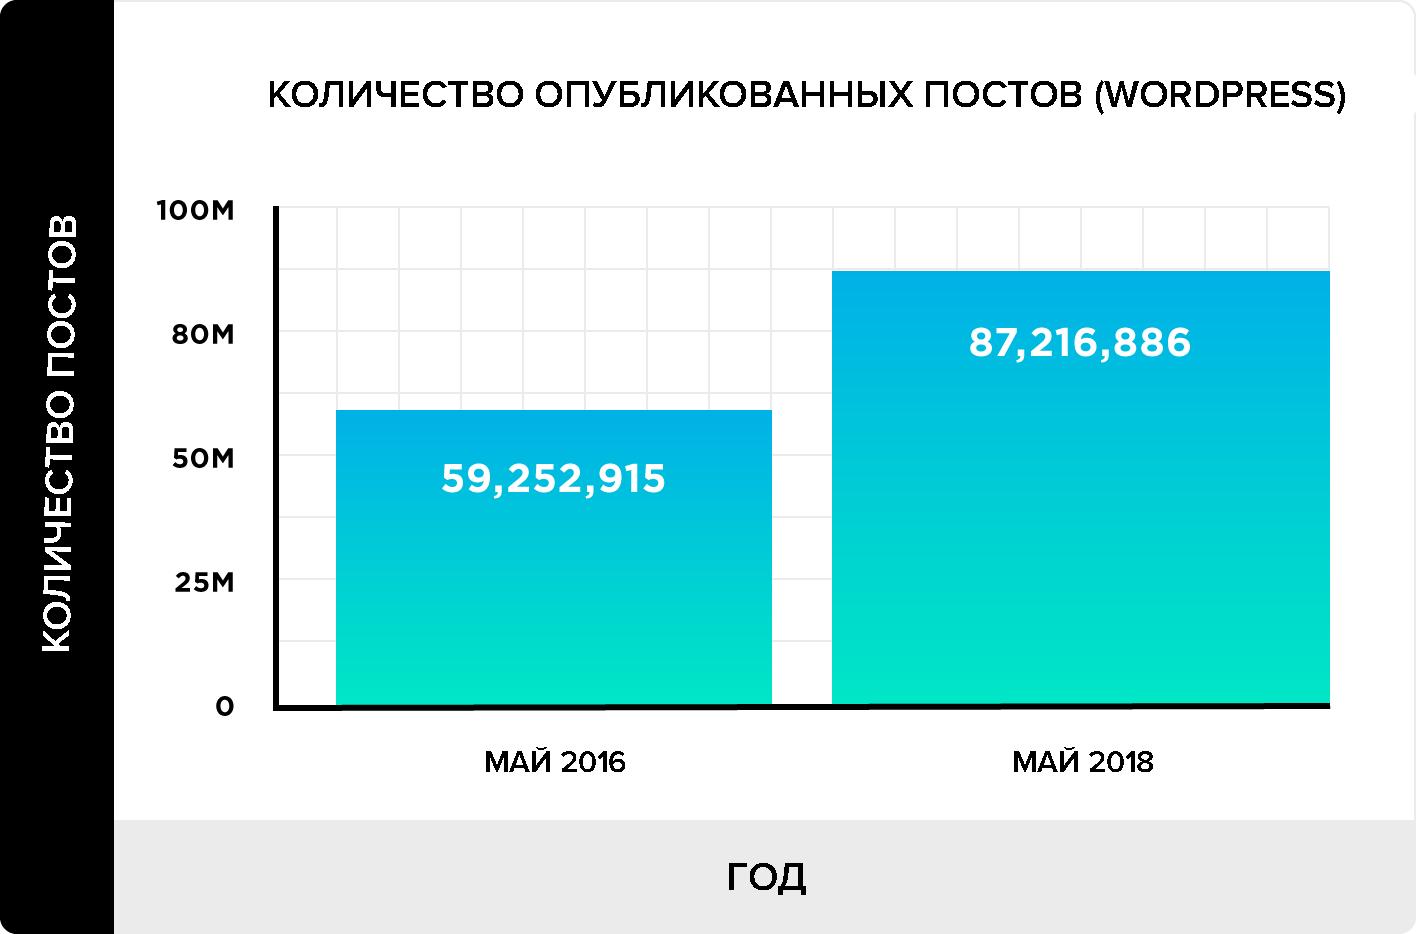 Статистика постов wordpress